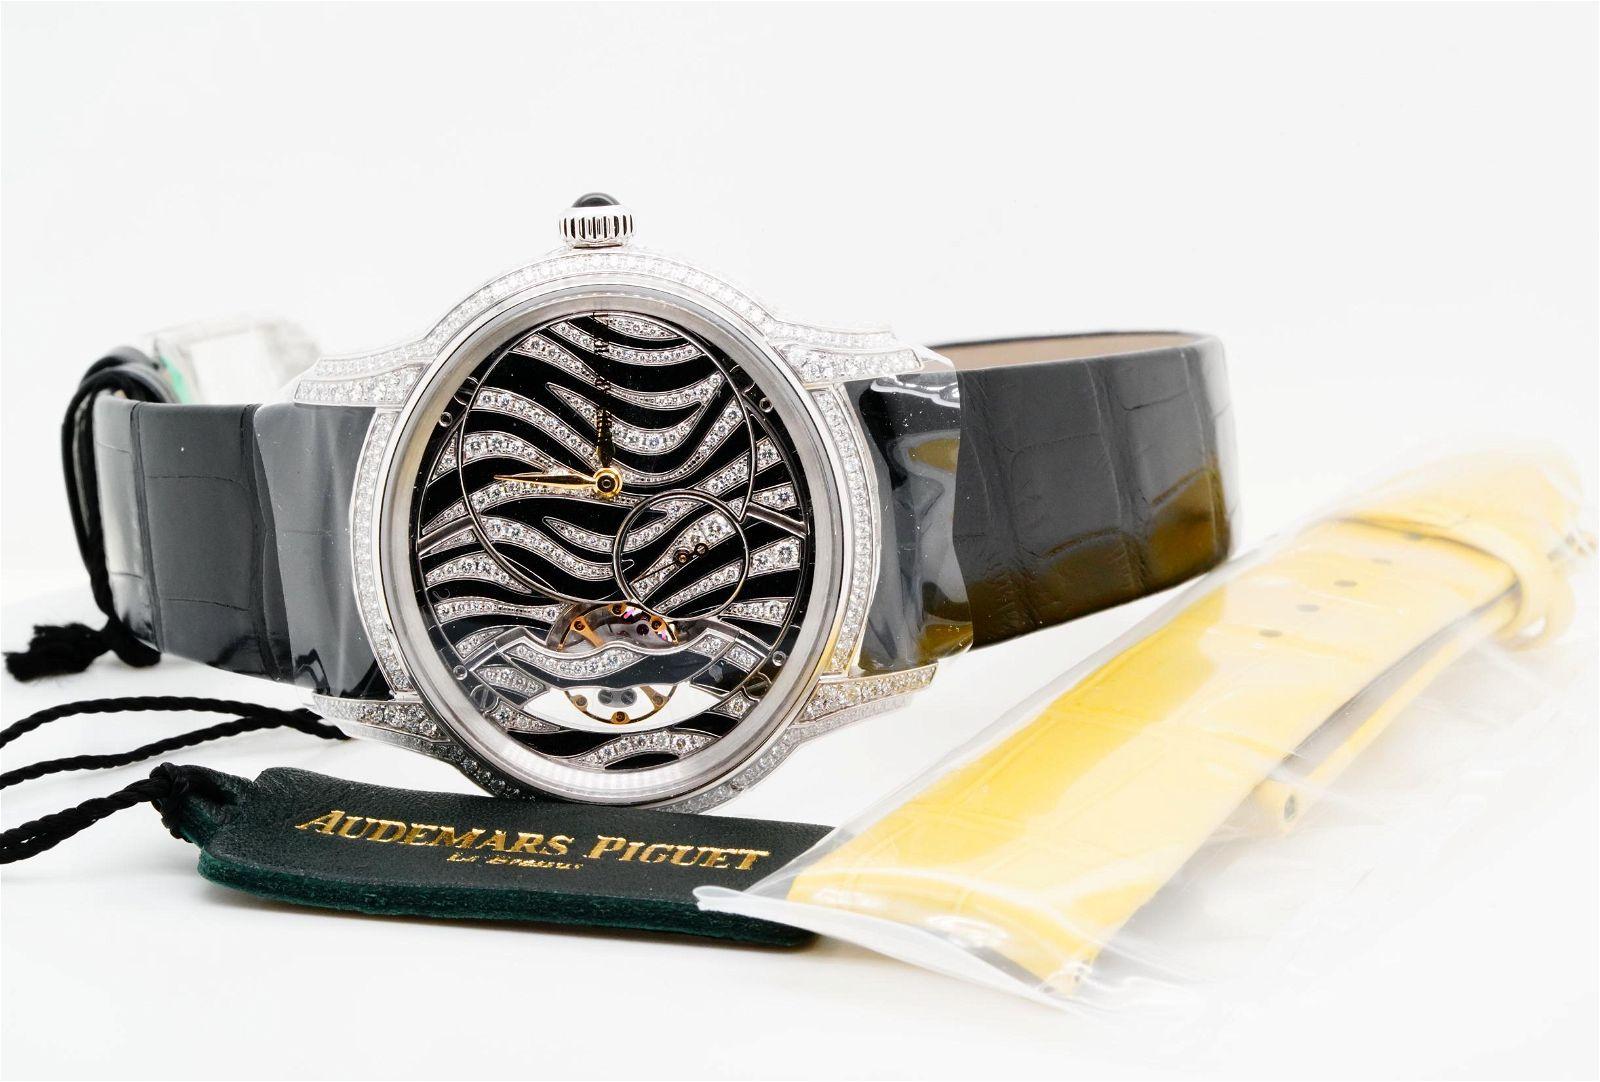 Audemars Piguet Millenary 2.35ctw Diamond 18K Watch